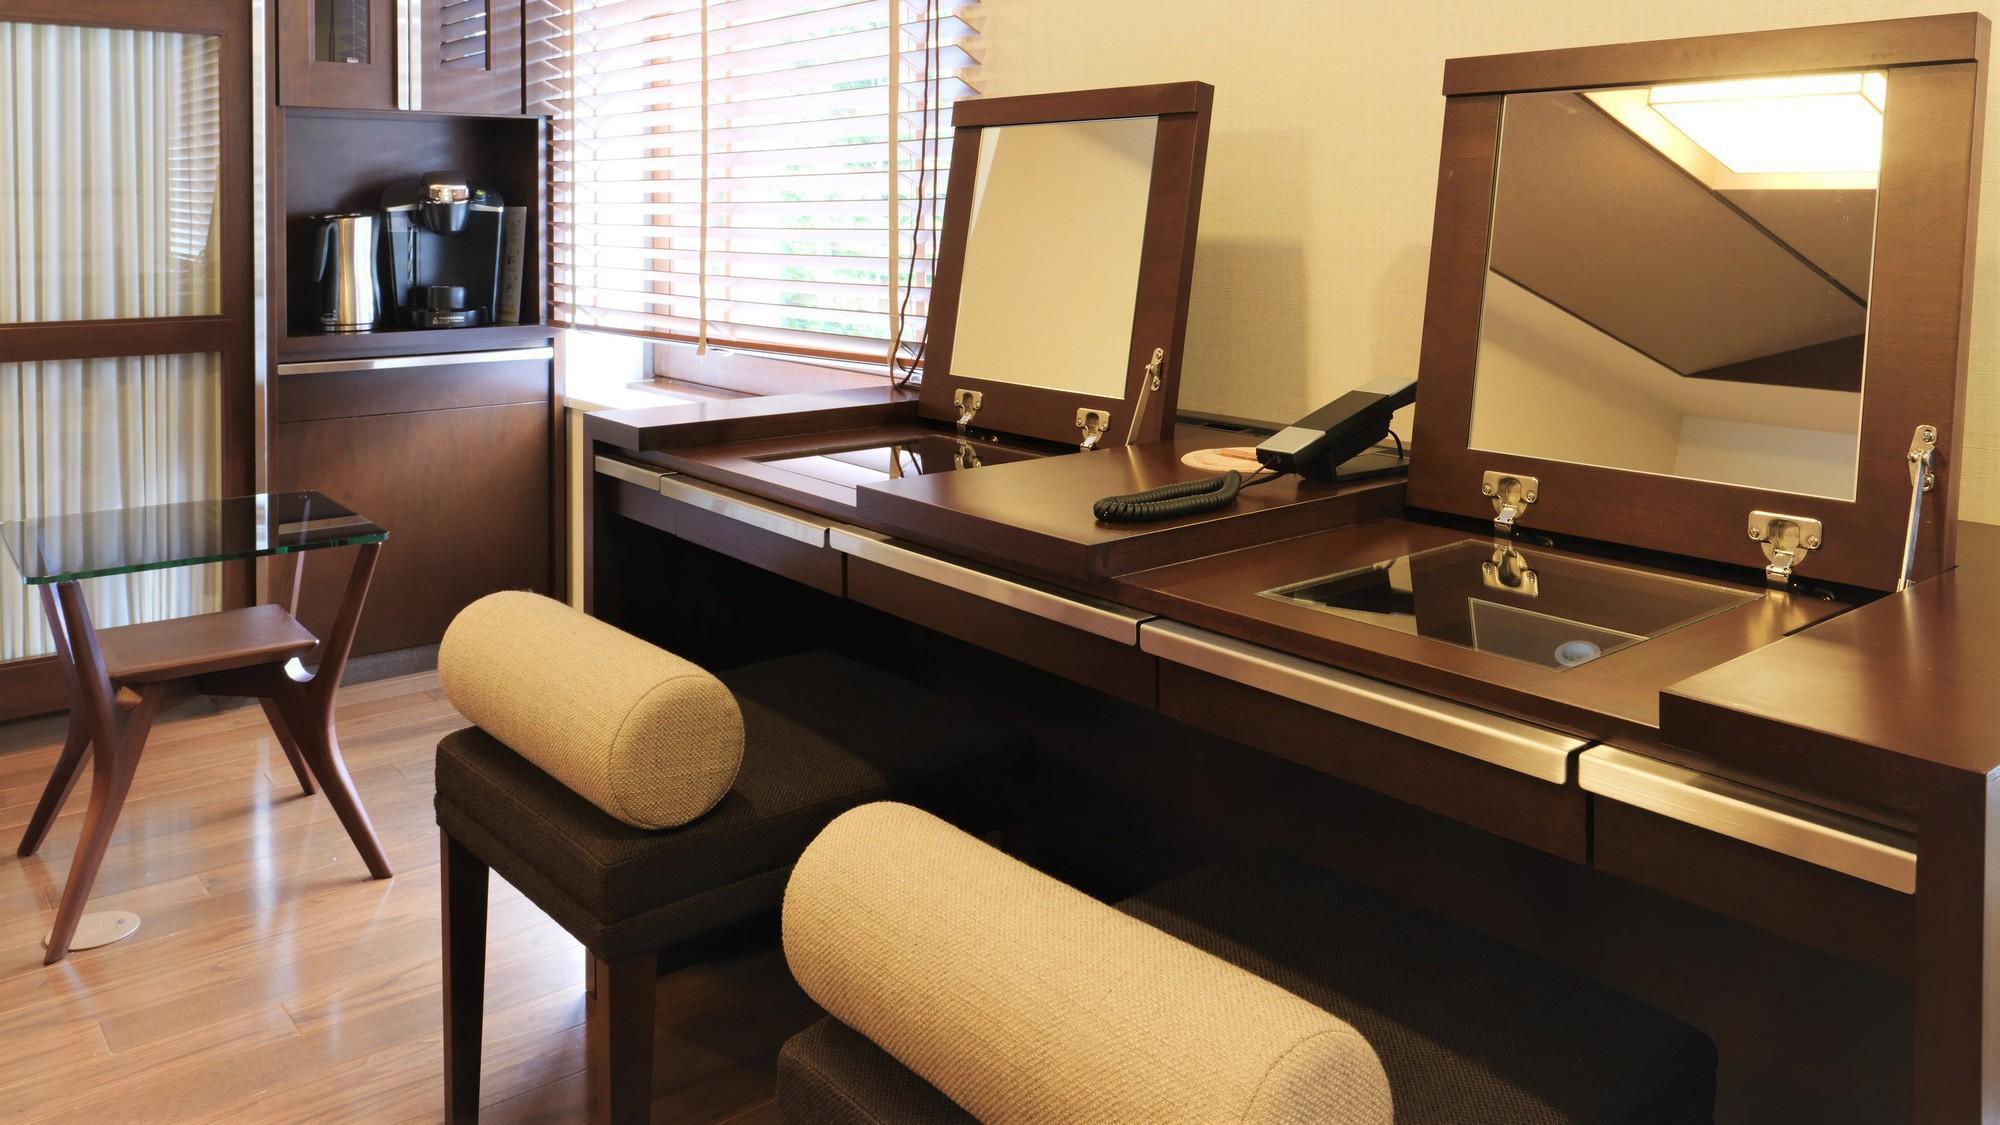 【デラックスツイン】ドレッサーのスツールや洗面台を2つずつ備え、同時に身支度が可能(客室一例)